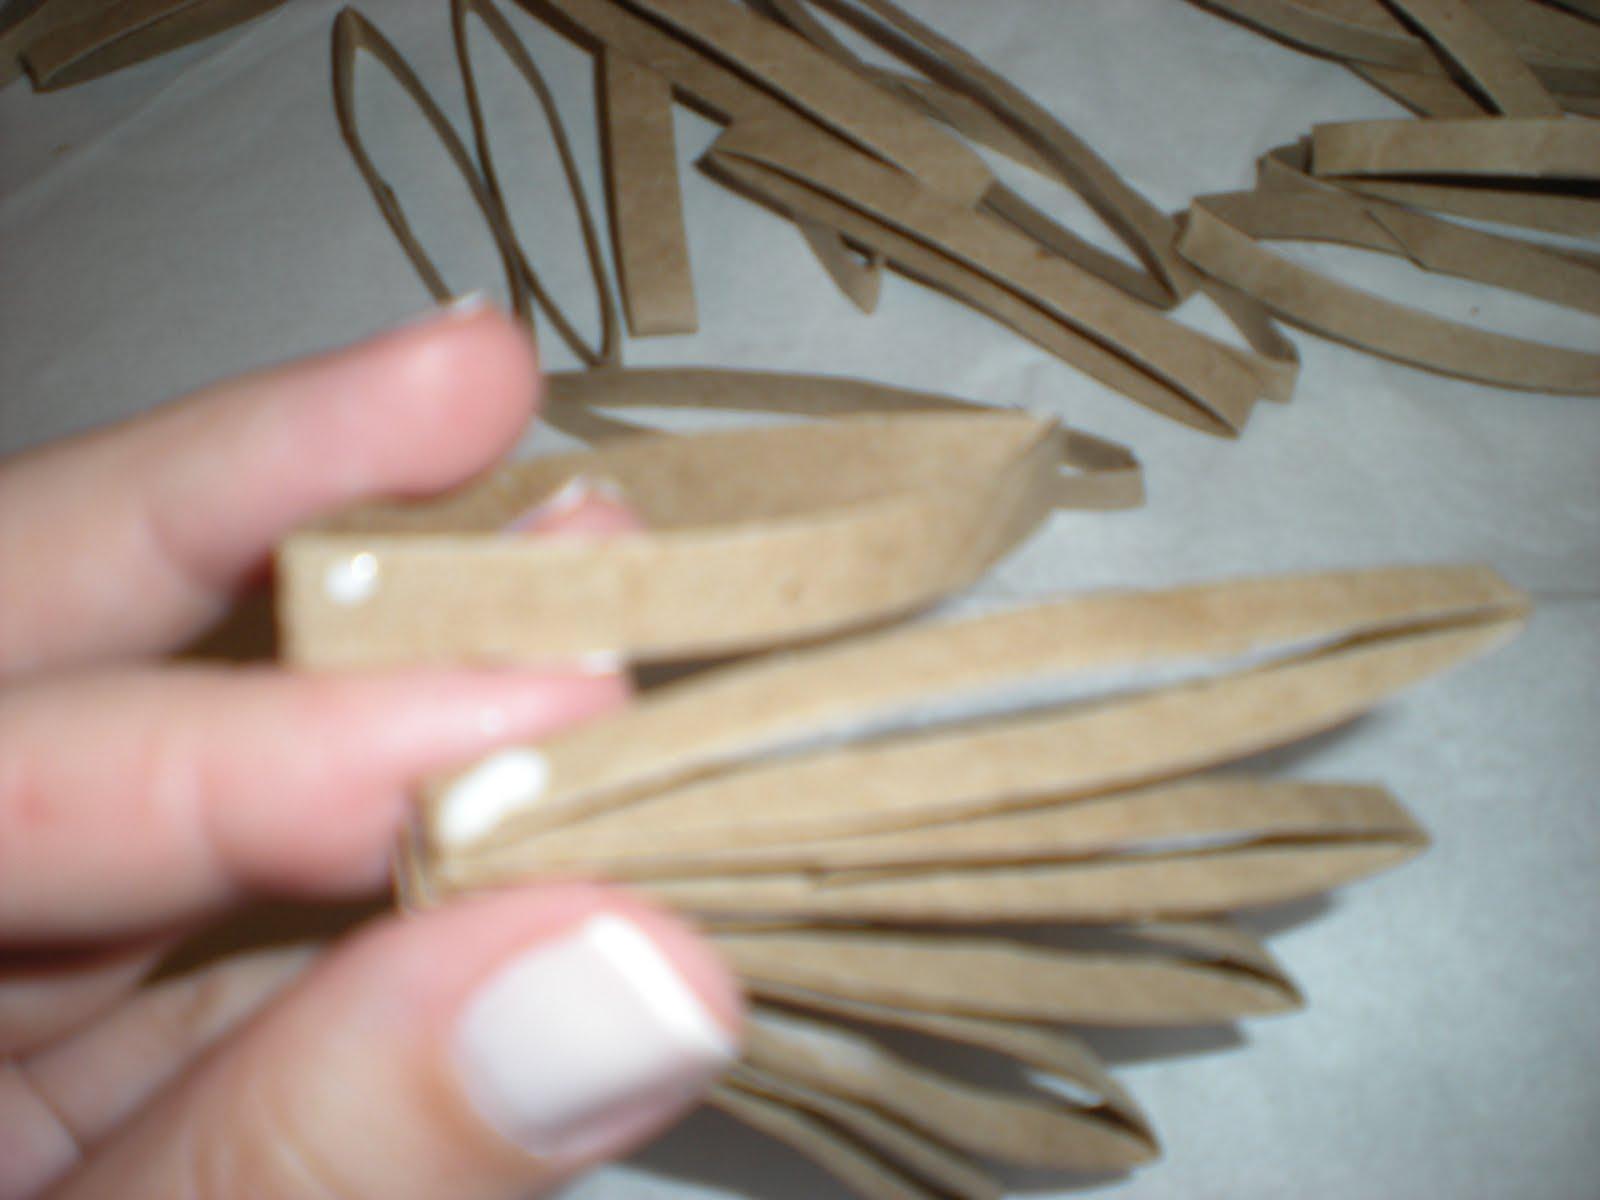 Manualidades Pare Reciclar Tubos De Cart N Parte 3 Quiero M S  # Muebles De Tubos De Carton